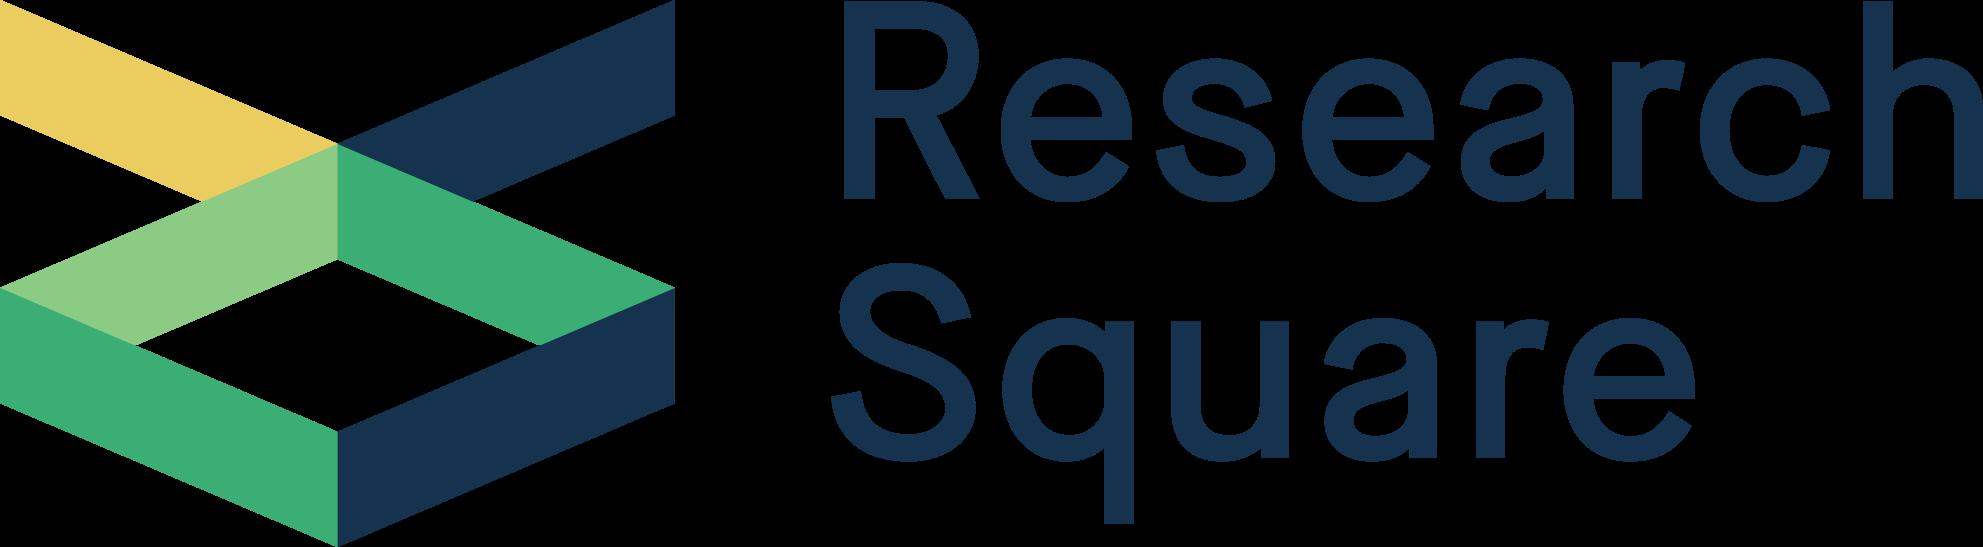 researchsquare2021